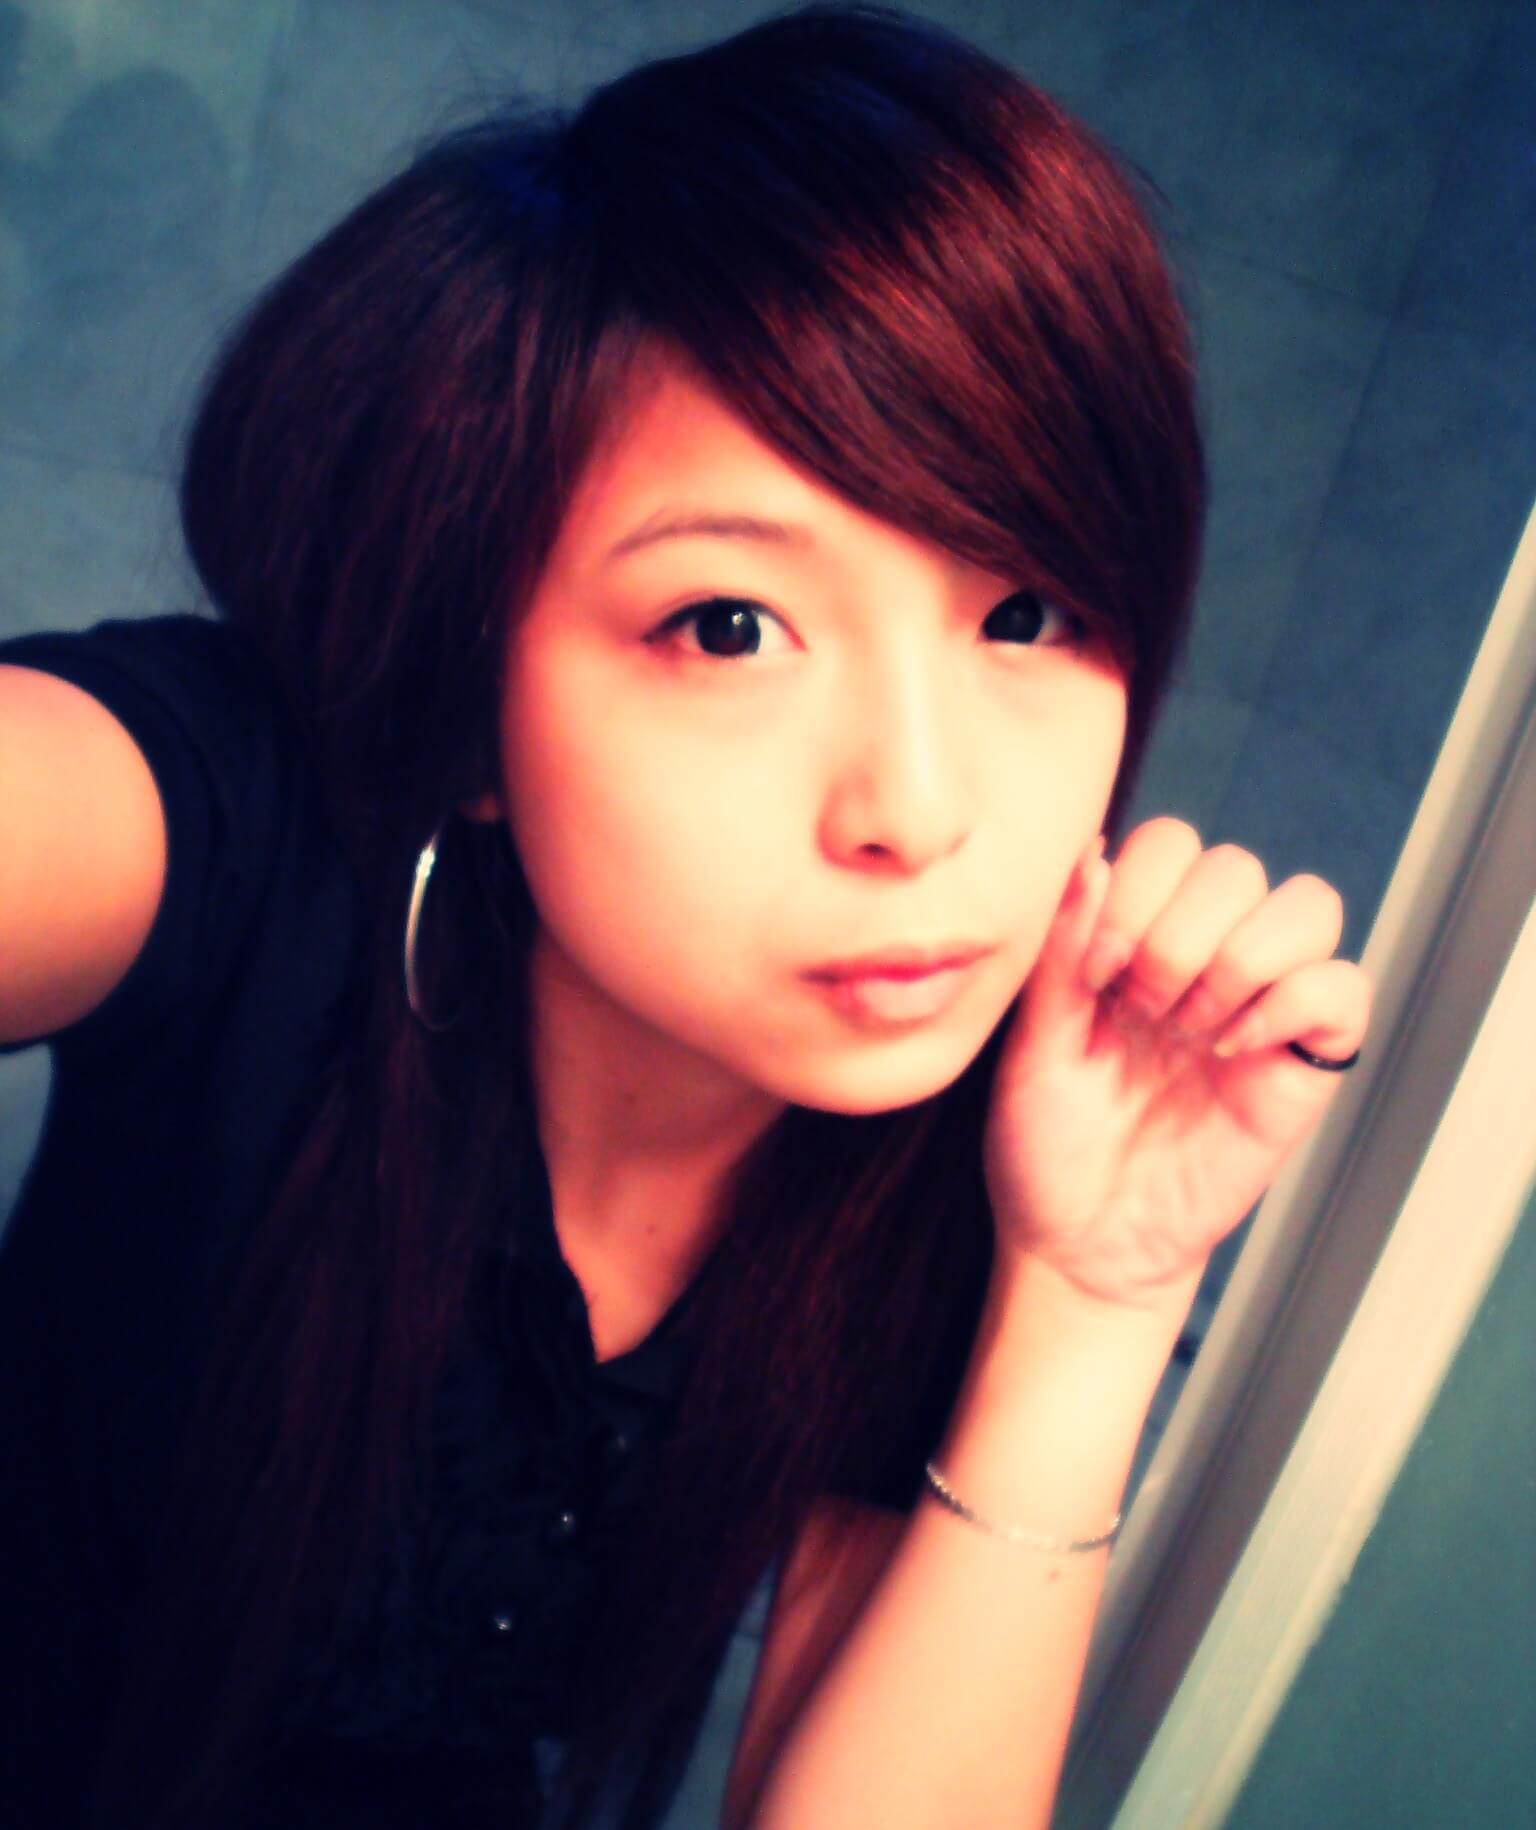 """Xiao Tian được biết đến với việc thành lập """"China Girl Security Group"""", ... một trong những nhóm hacker lớn nhất hoạt động tại Trung Quốc. Ảnh: @AFP."""